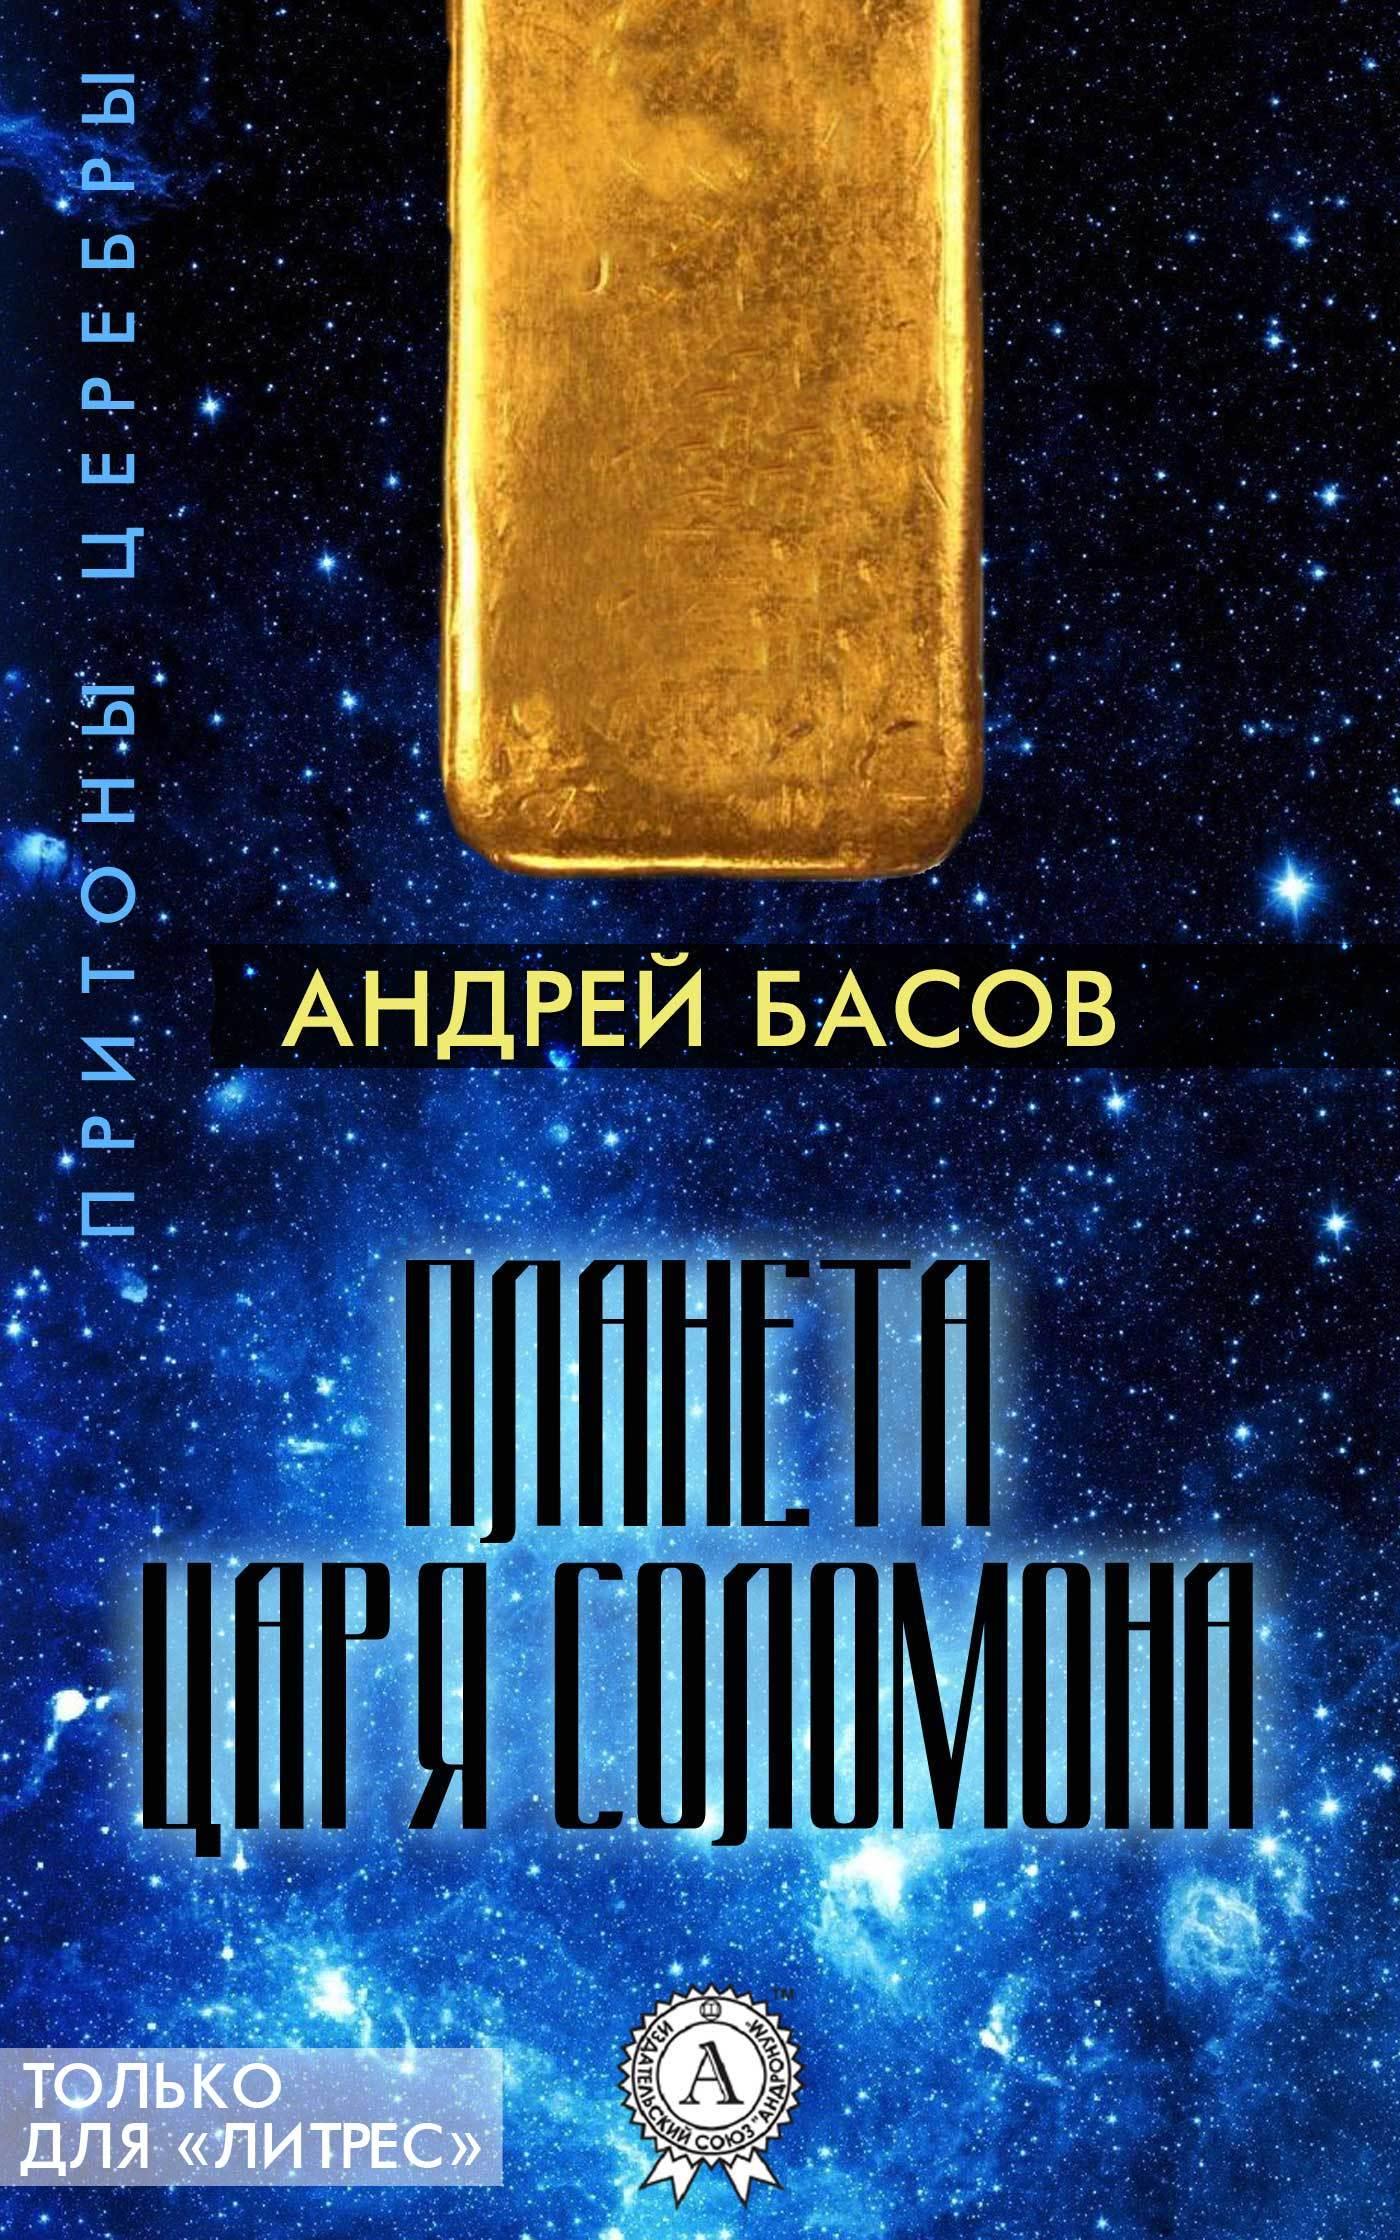 Андрей Басов - Планета царя Соломона